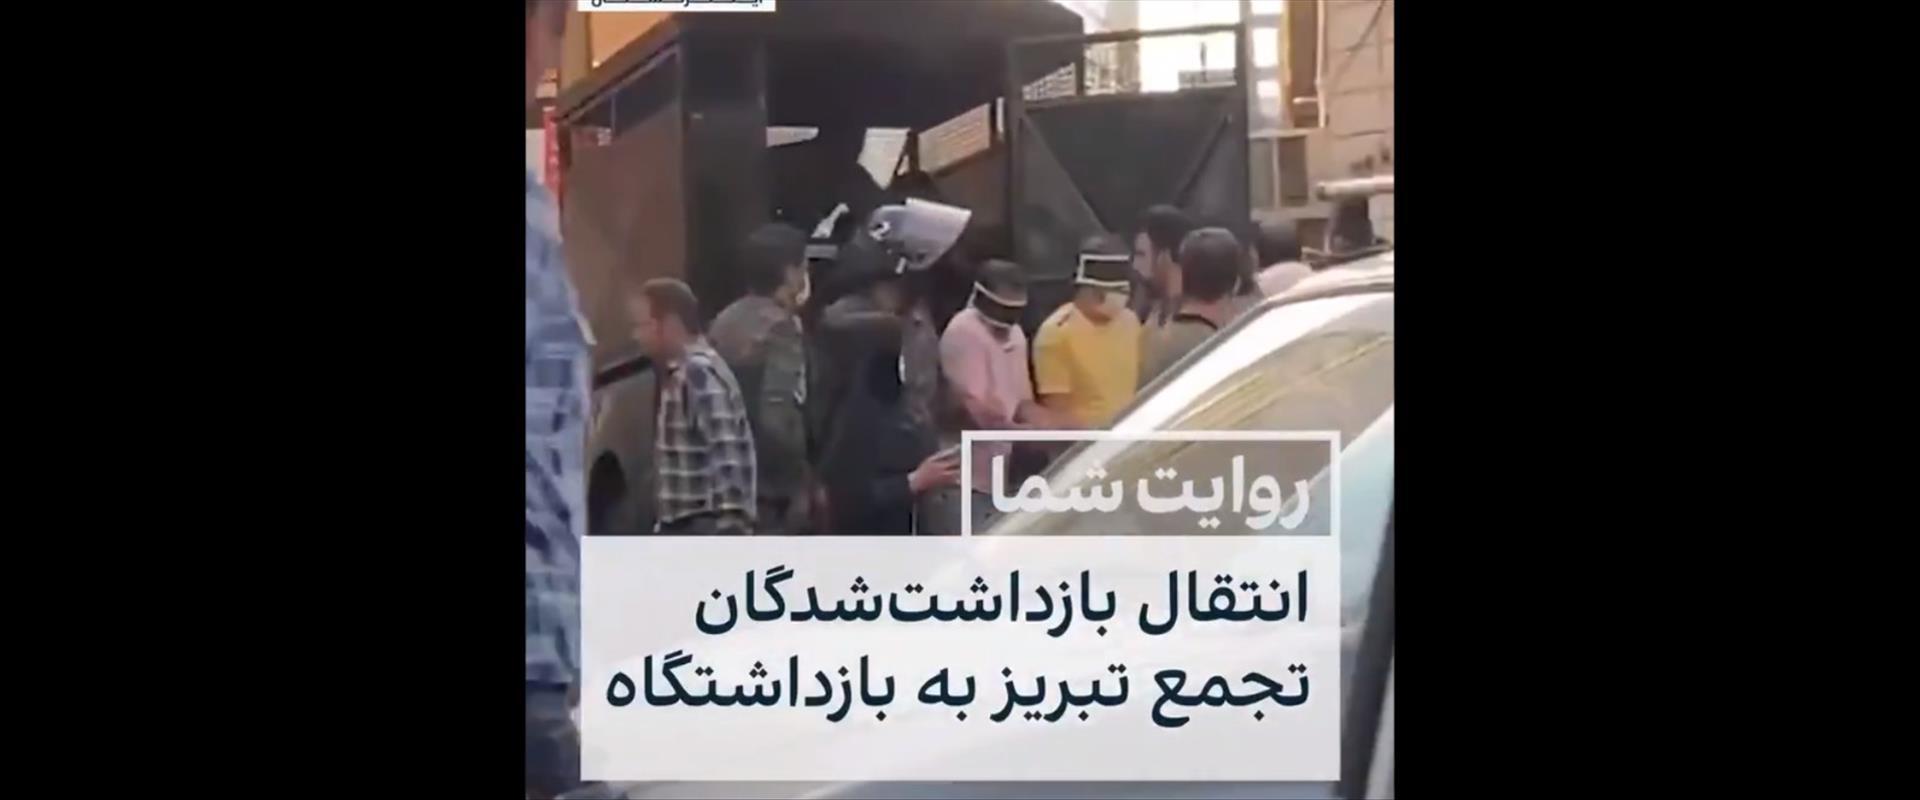 מפגינים כפותים באיראן